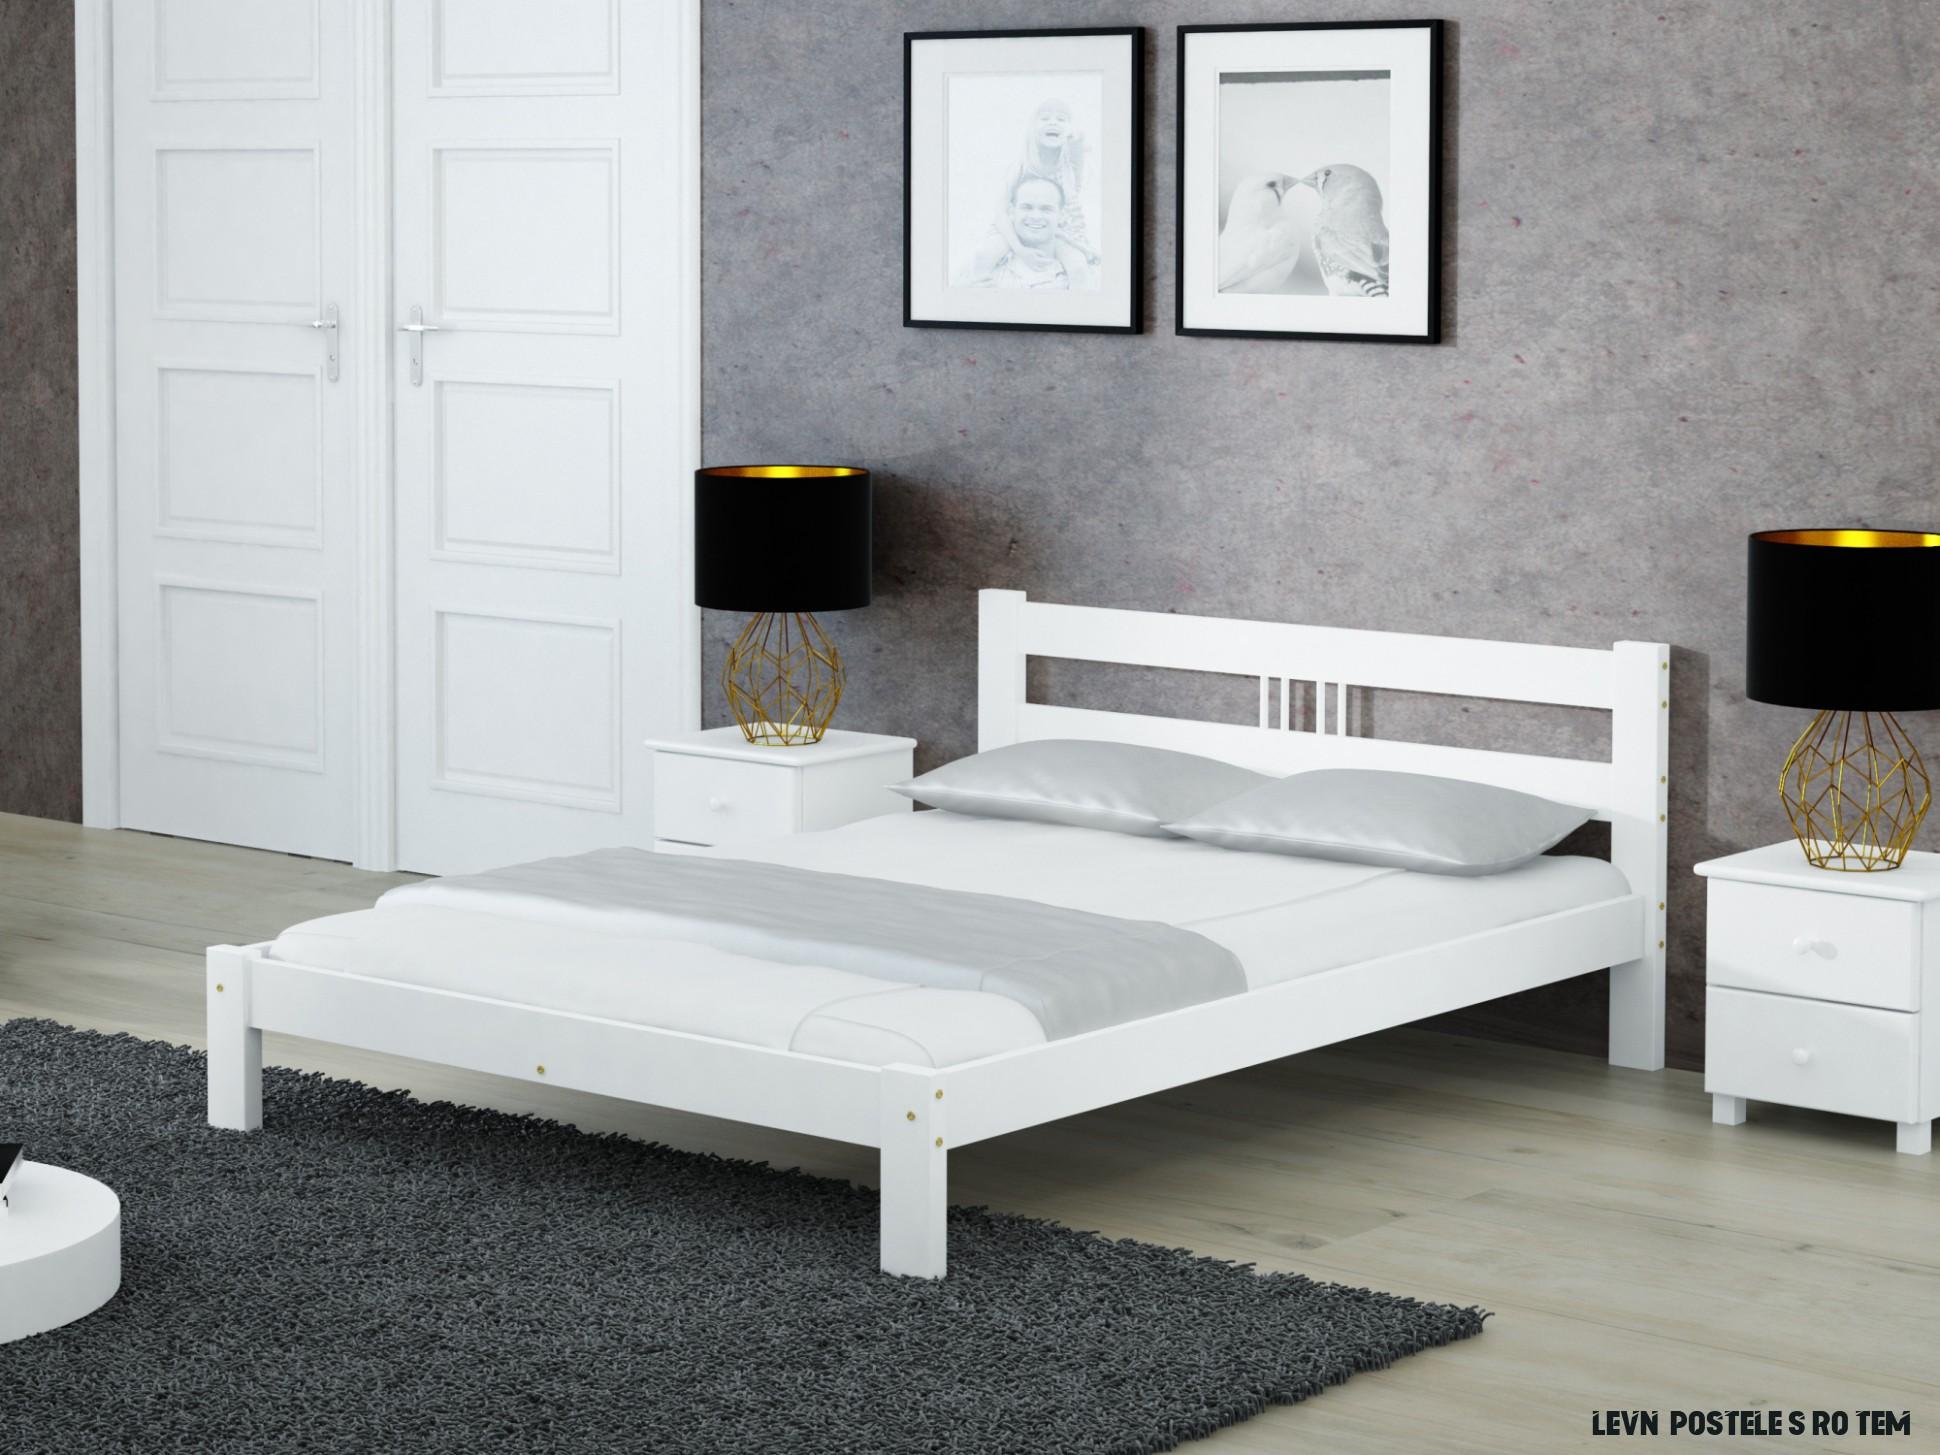 Levne postele s rostem 19x19  NEJRYCHLEJŠÍ.CZ